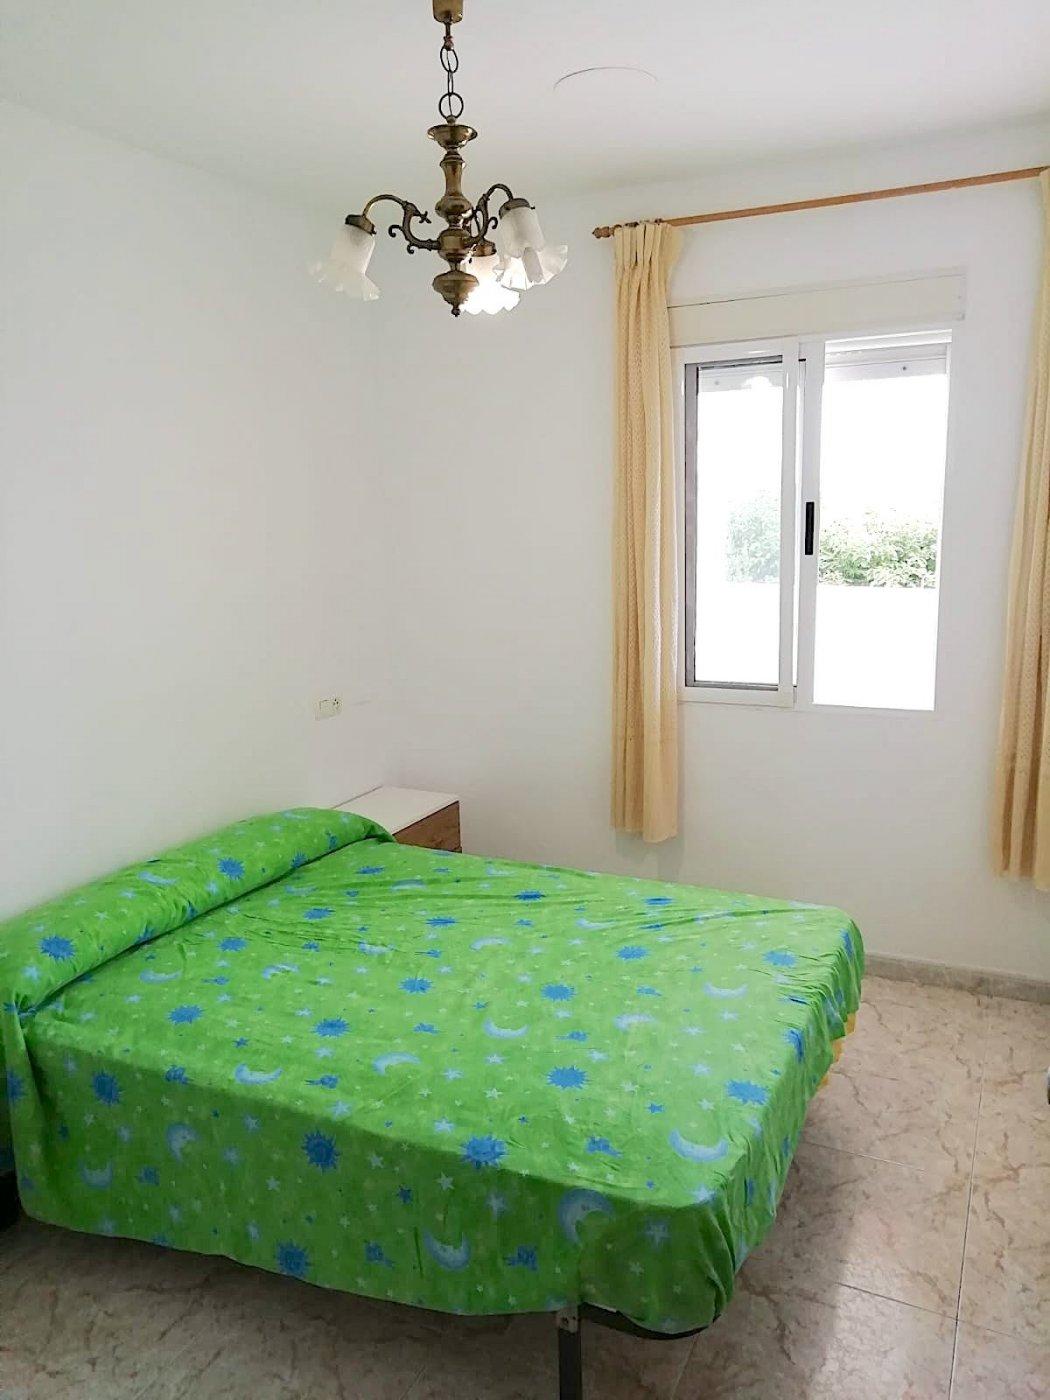 Magnífico adosado en palmera con terraza al mejor precio. - imagenInmueble35